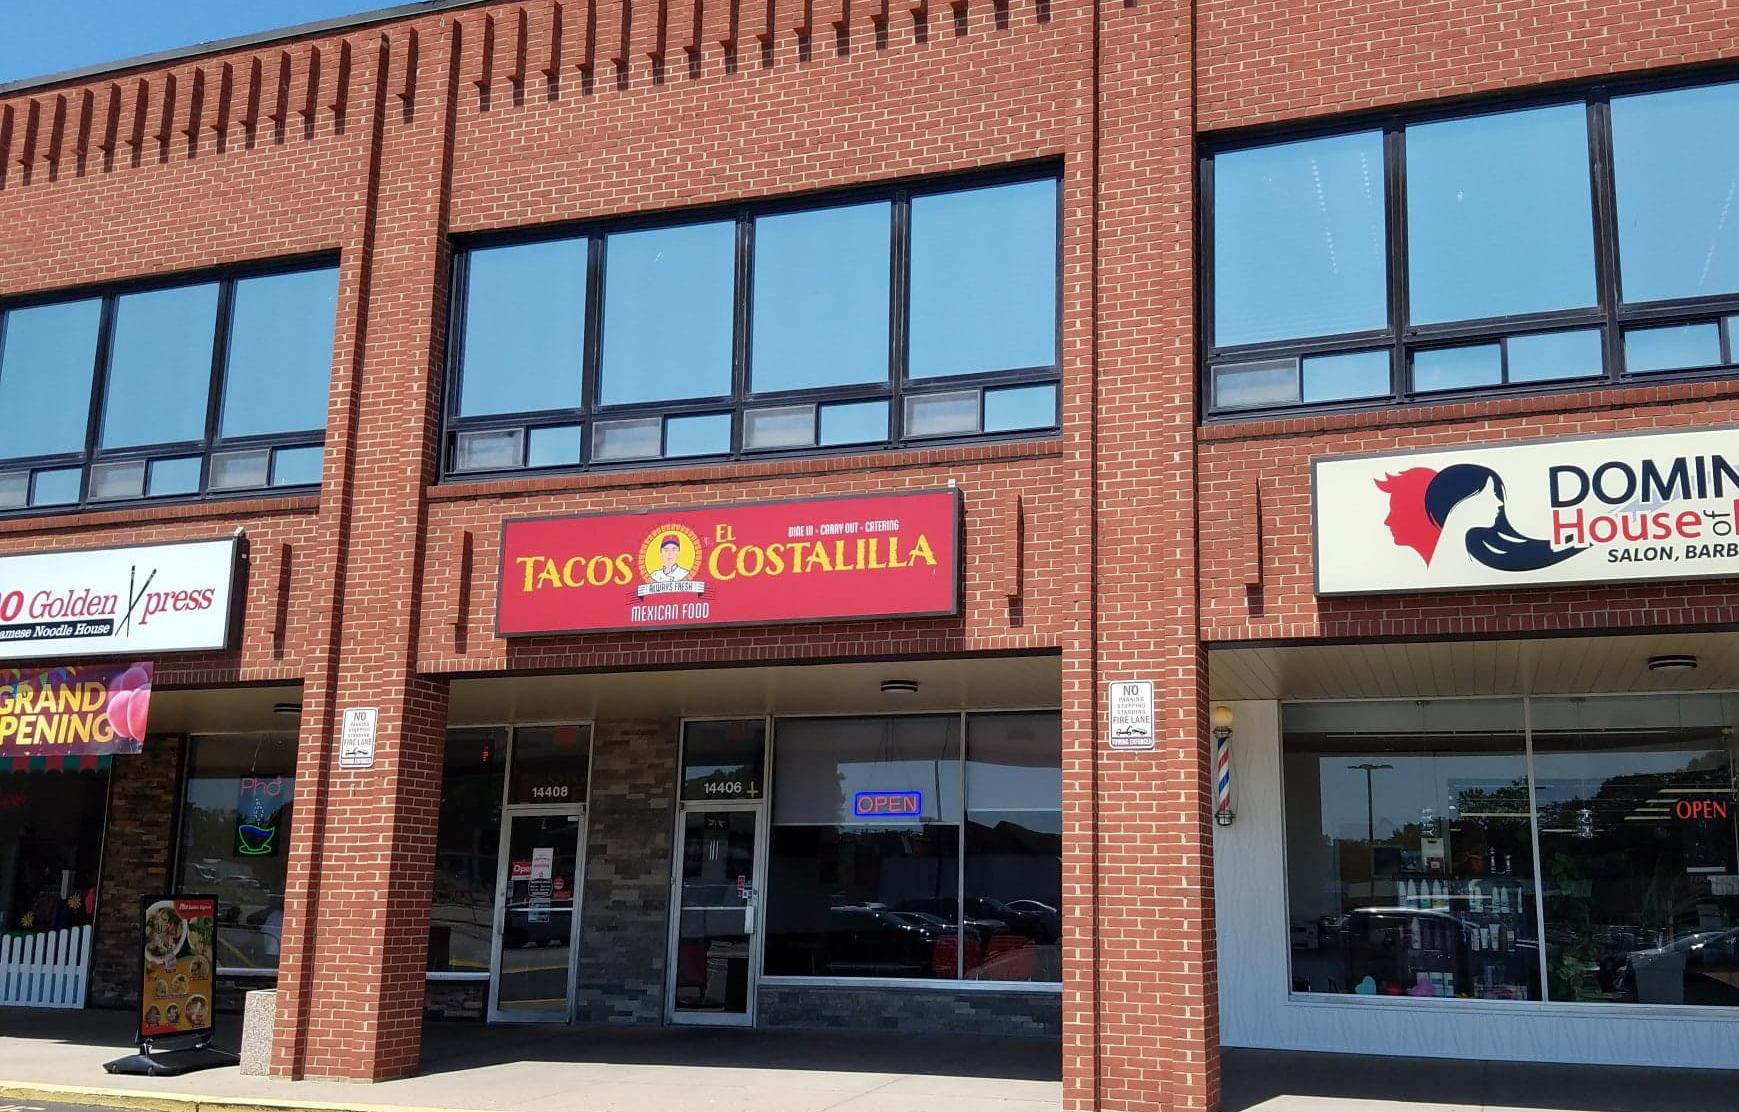 Tacos el Costalilla